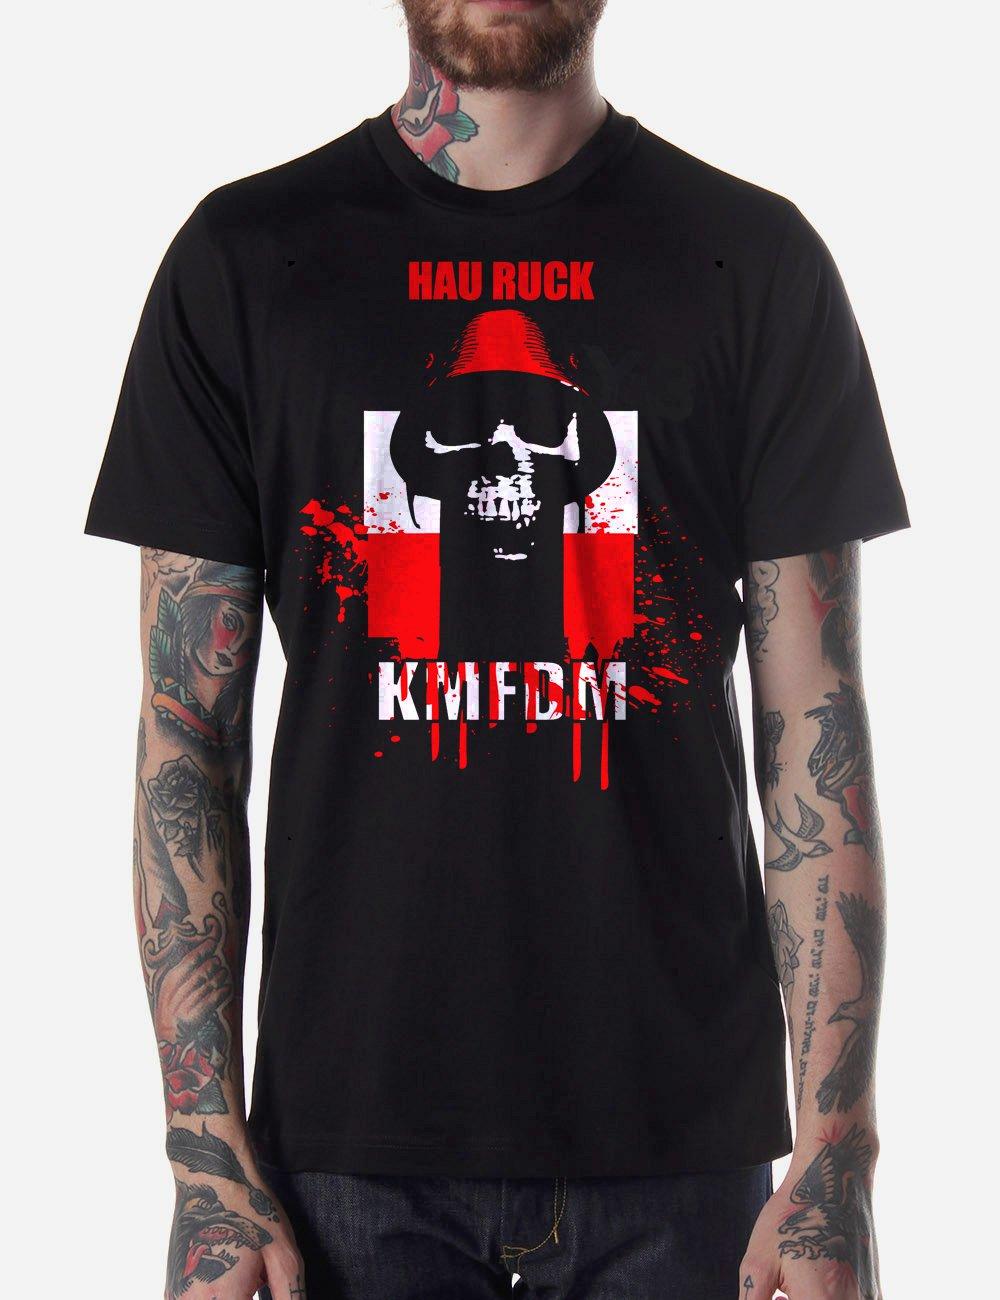 Black Men Tshirt KMFDM MORE HAU RUCK Black Tshirt For Men